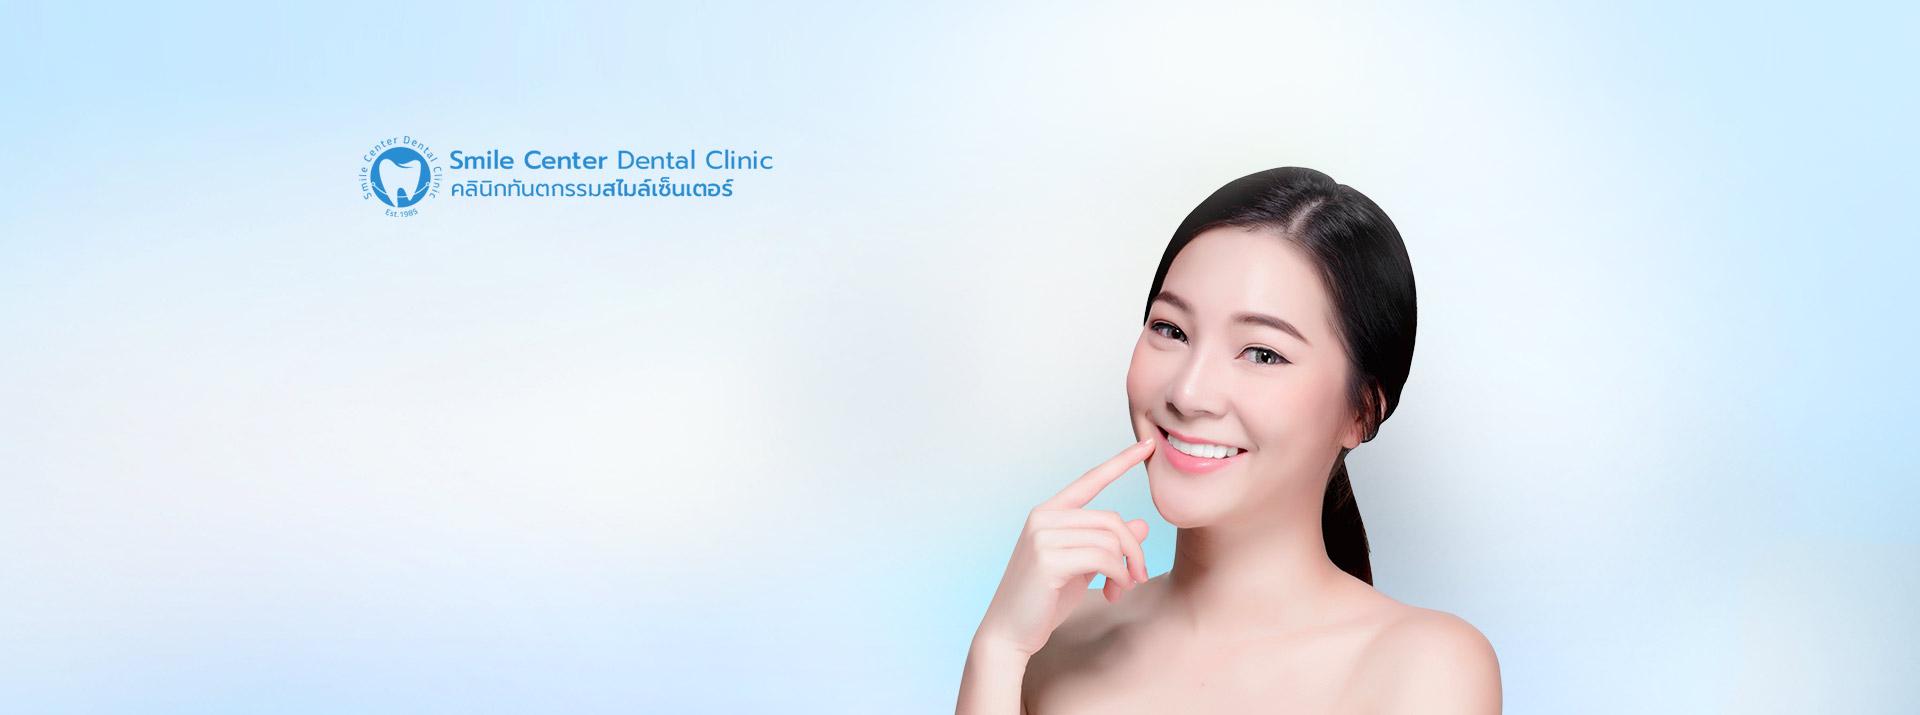 หน้าแรก - Smile Center Dental Clinic